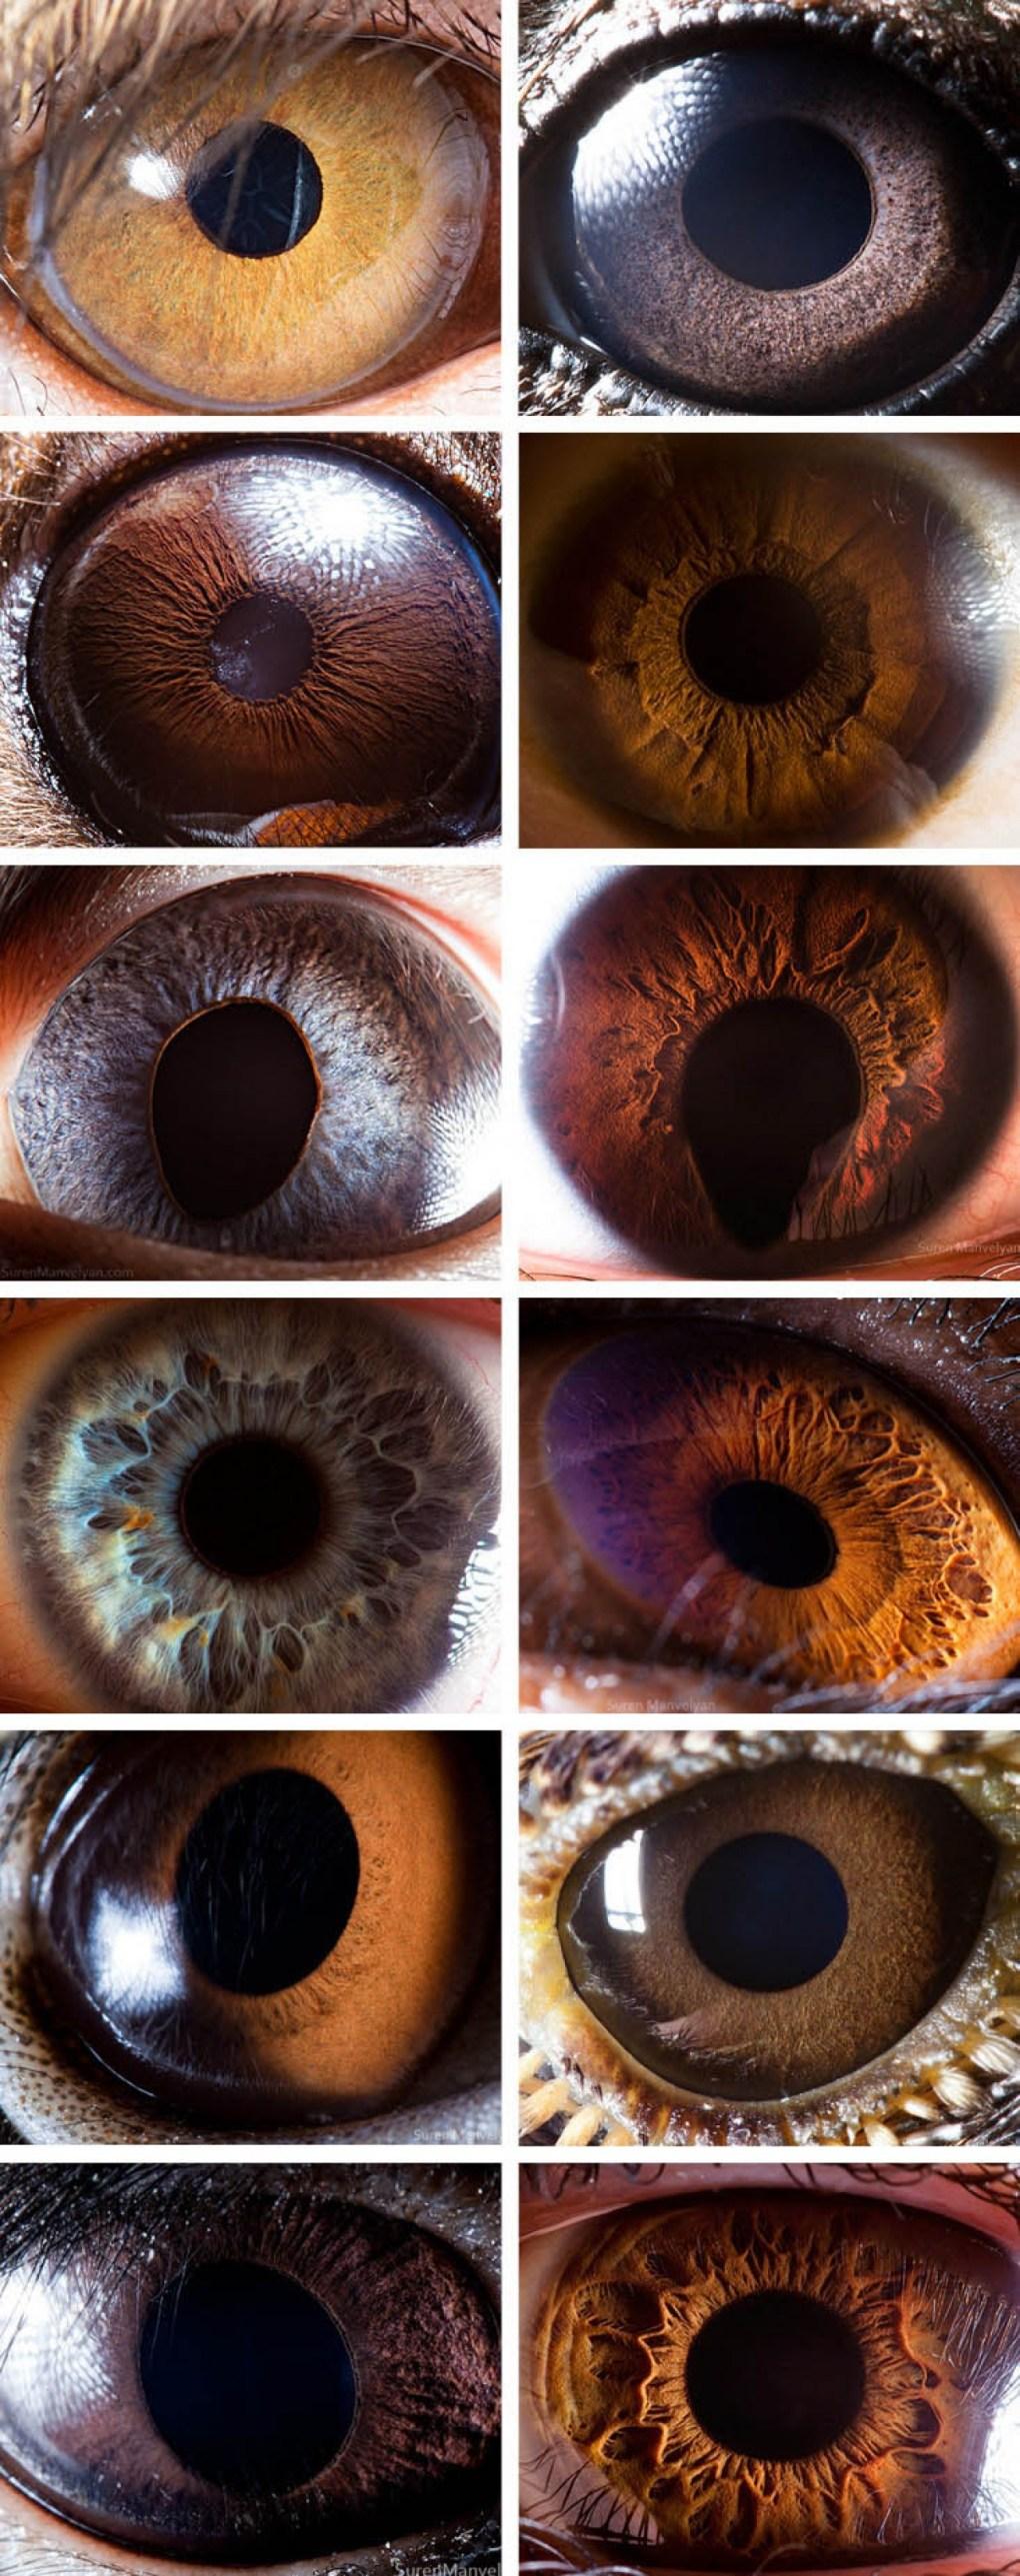 глаза людей и животных